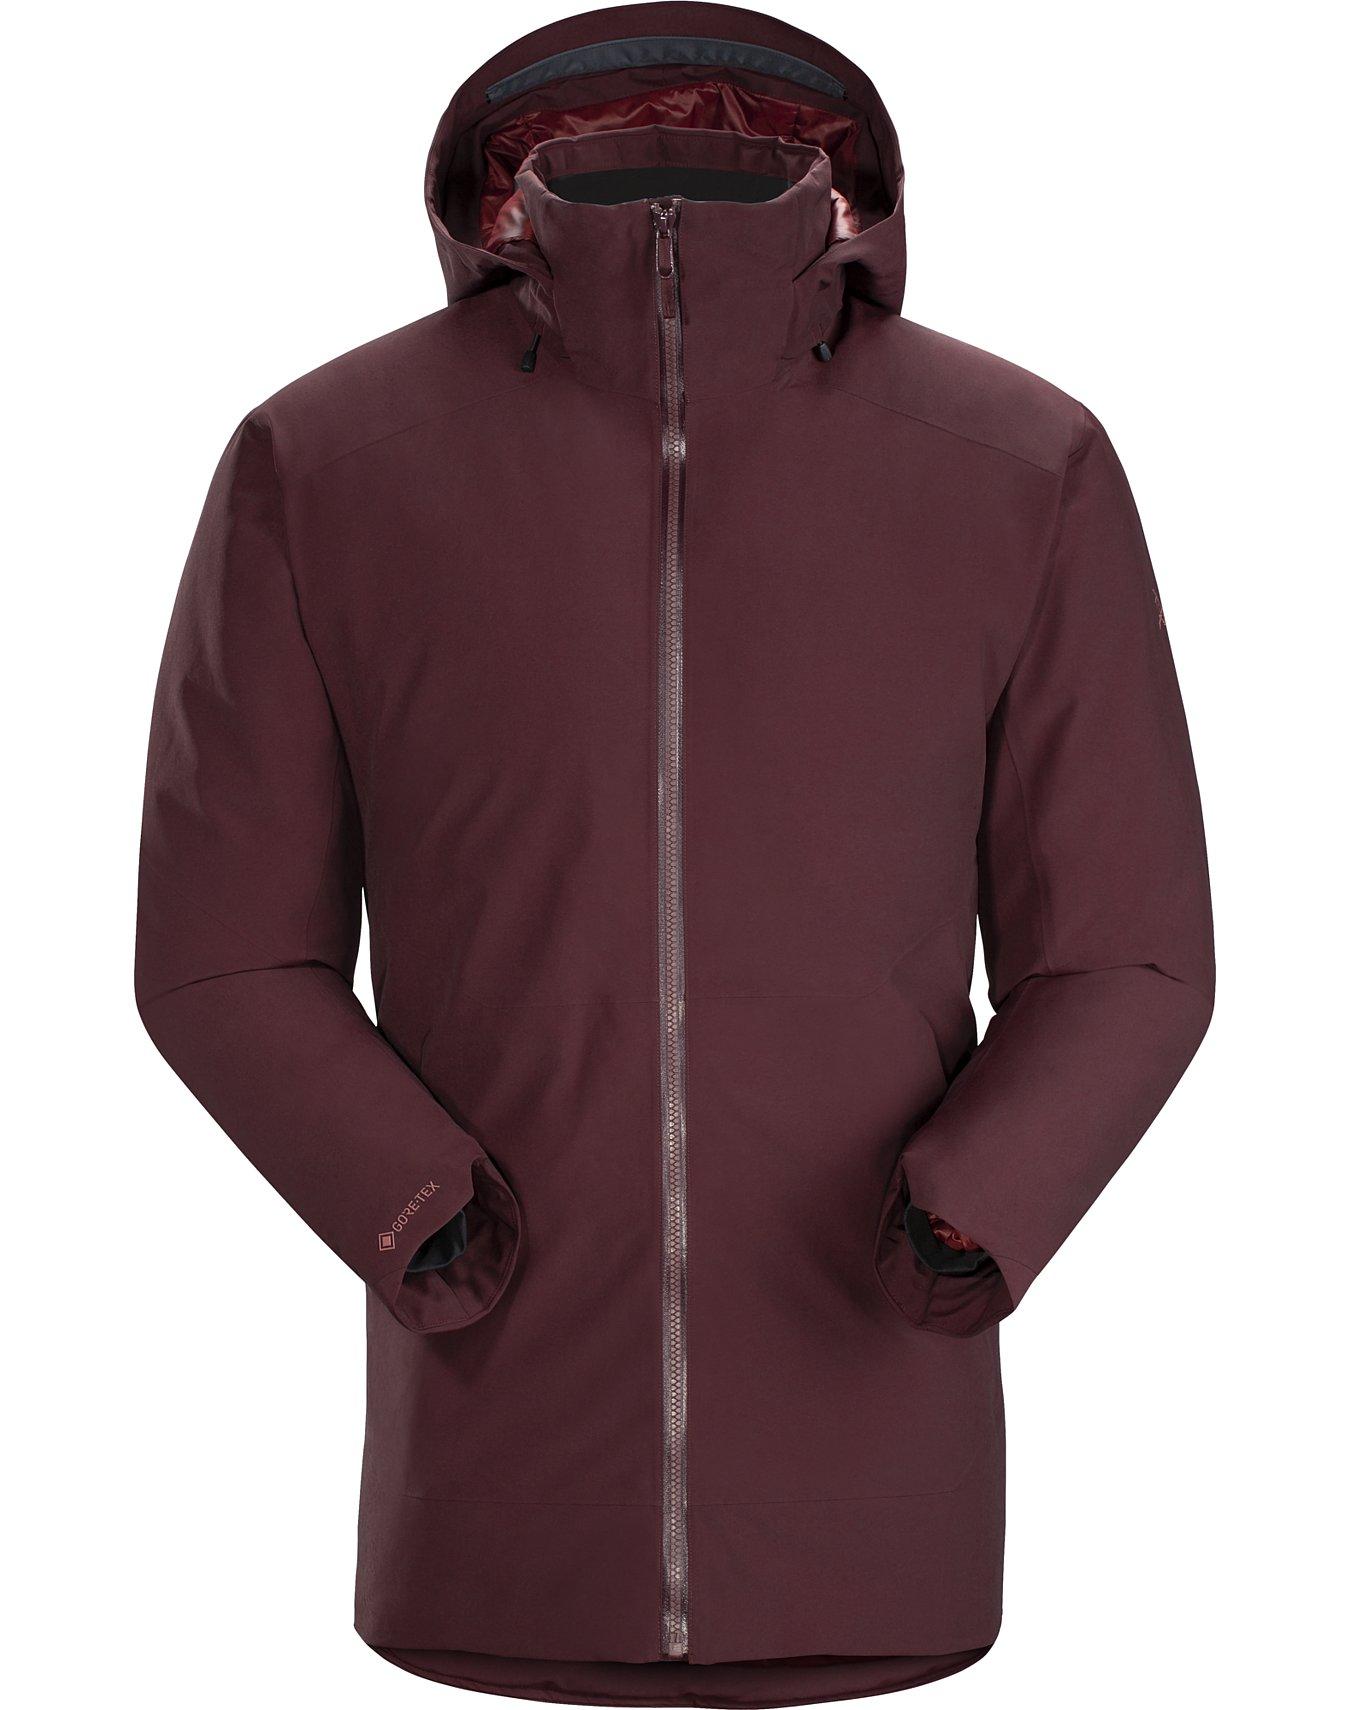 jacket Parka man green slim fit tight casual jacket winter S M L XL XXL